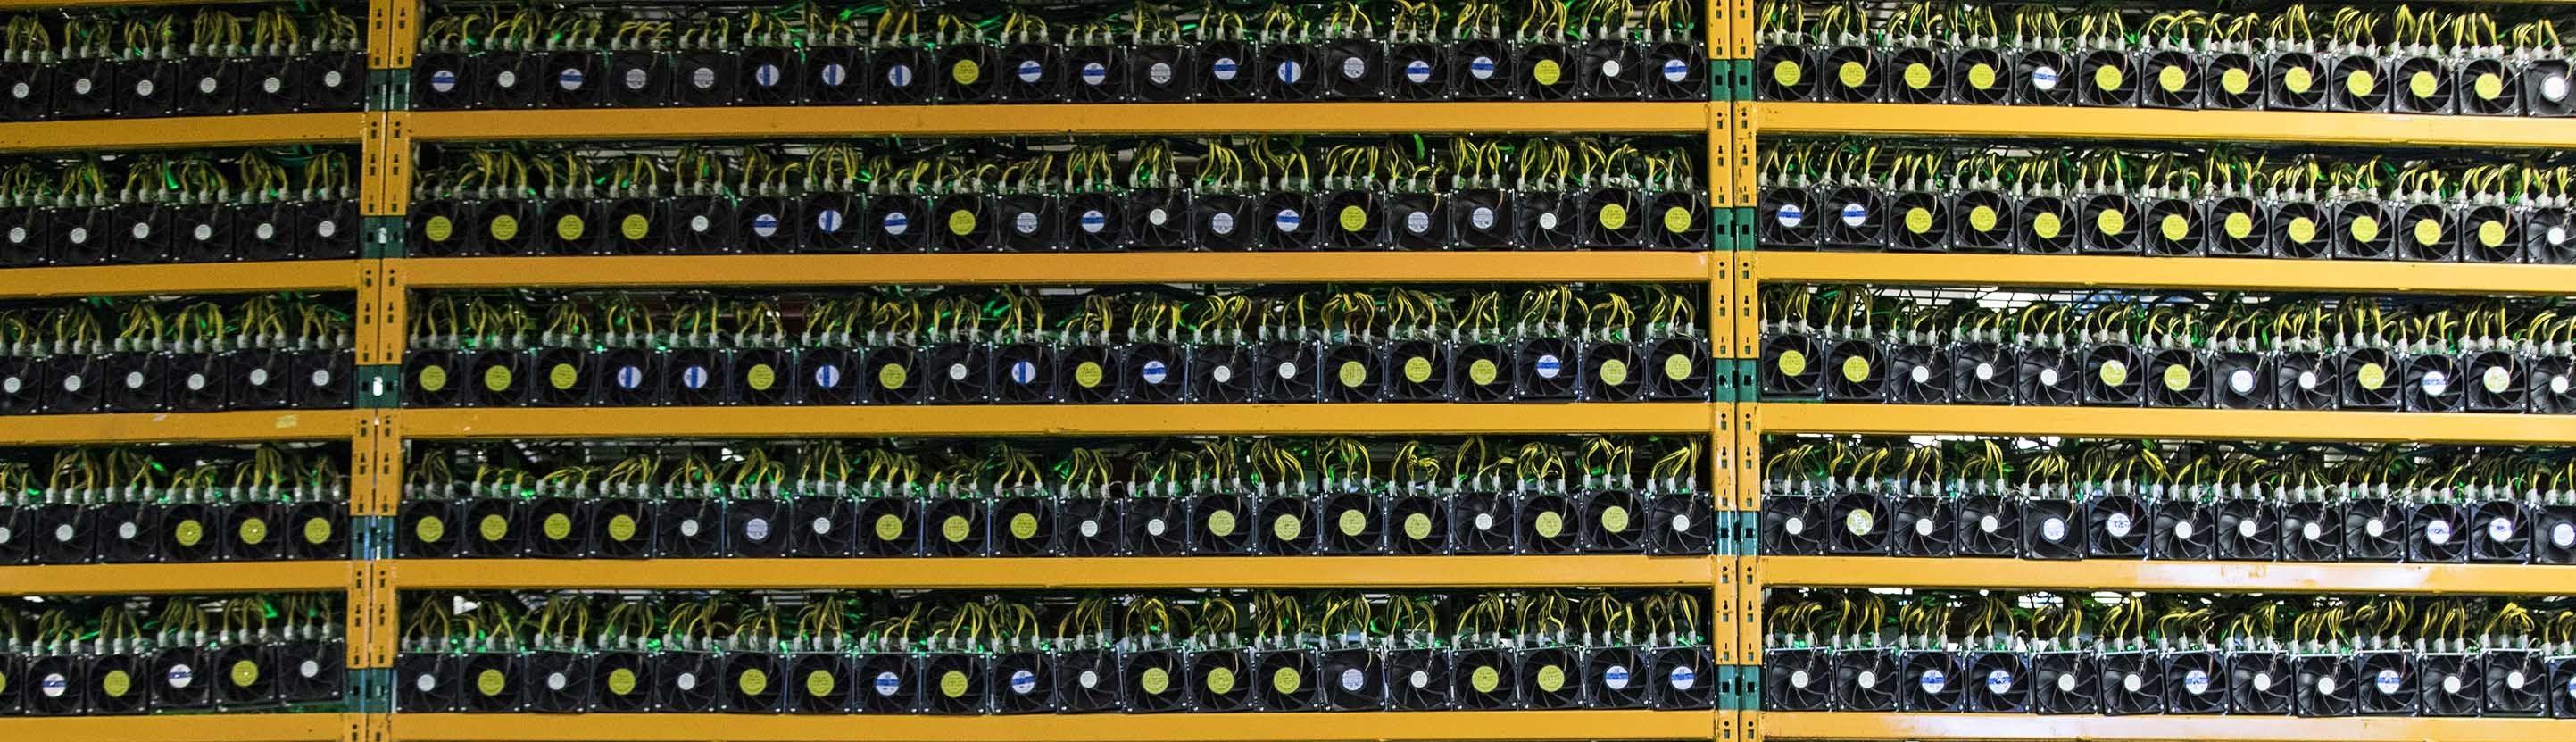 000 12t5xm.33db0075250.original - Протокол Stratum V2 от Braiins обещает решить проблему централизации майнинга биткоина